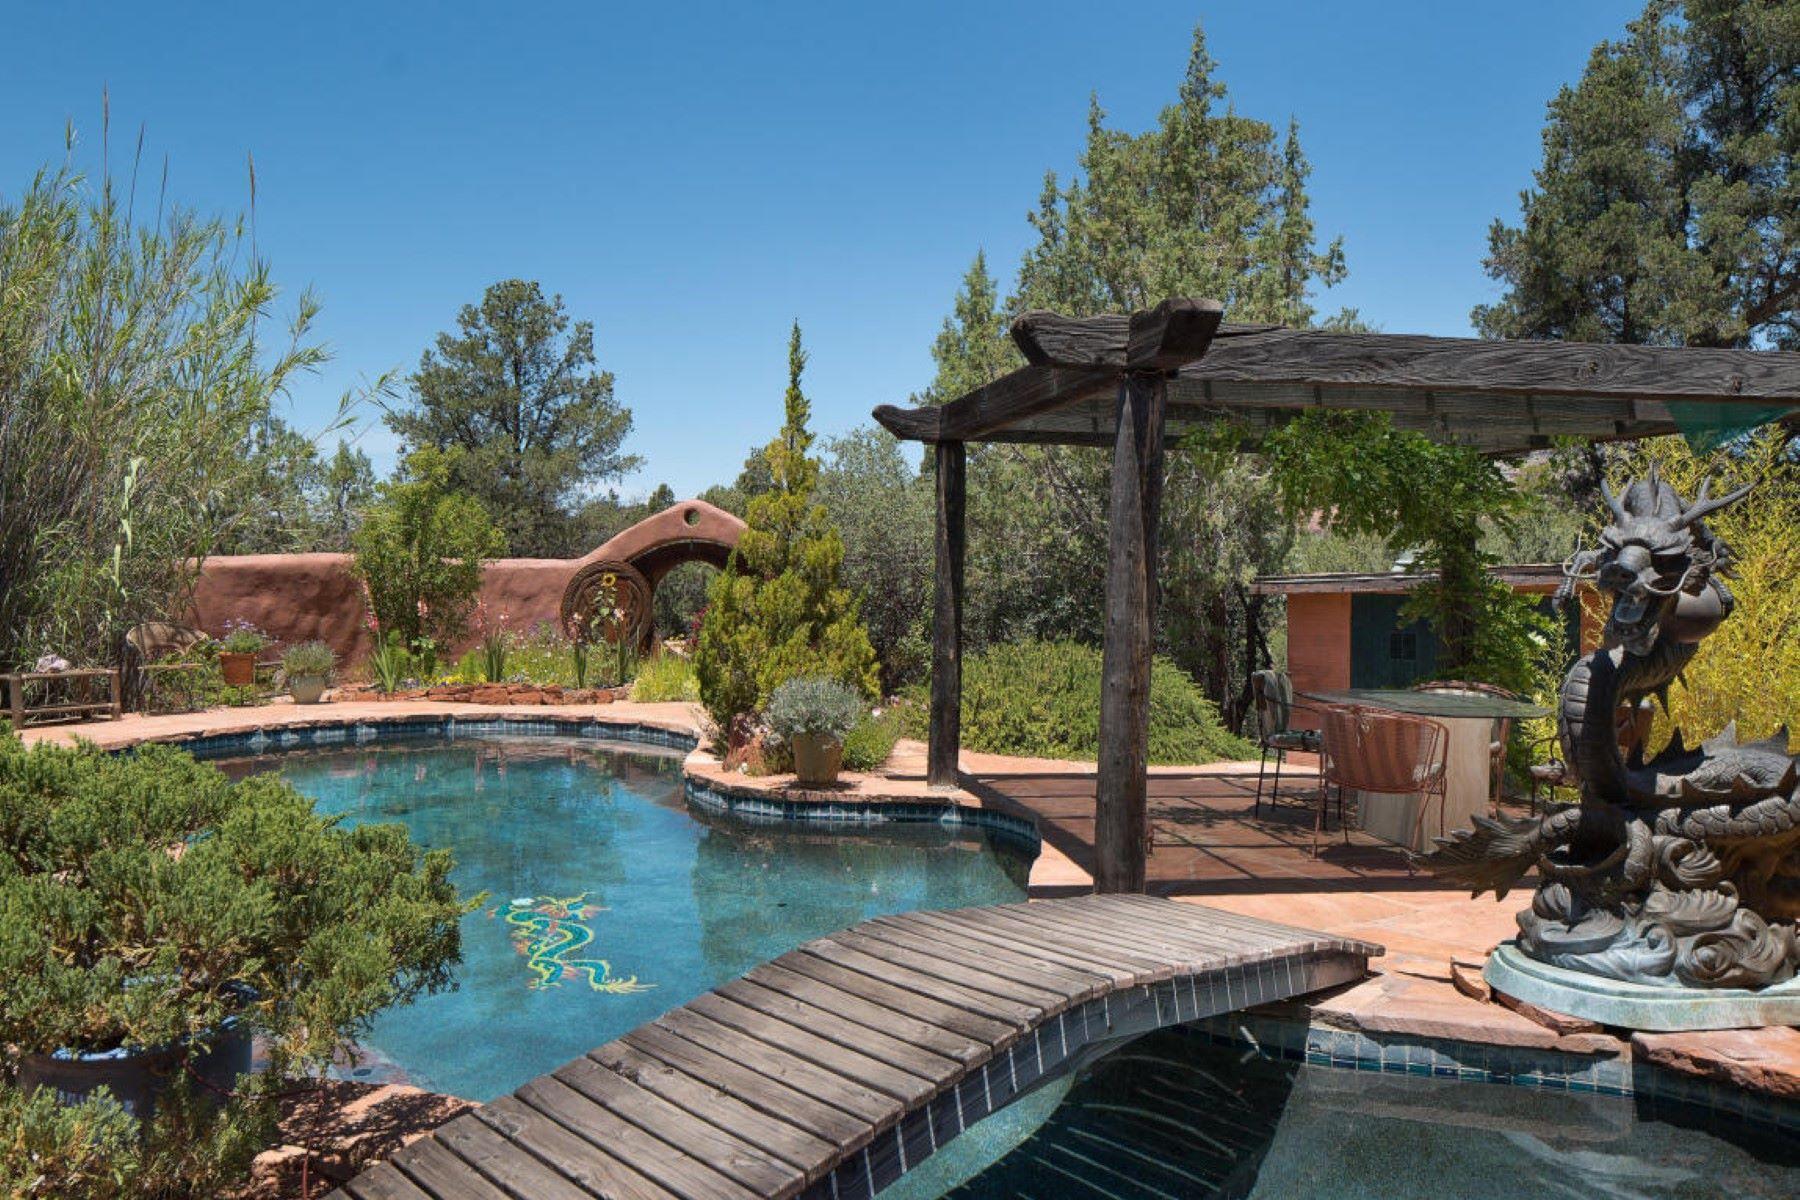 獨棟家庭住宅 為 出售 在 World renowned Power Feng-Shui artist and author created this home. 100 Turkey Creek Tr Sedona, 亞利桑那州, 86351 美國